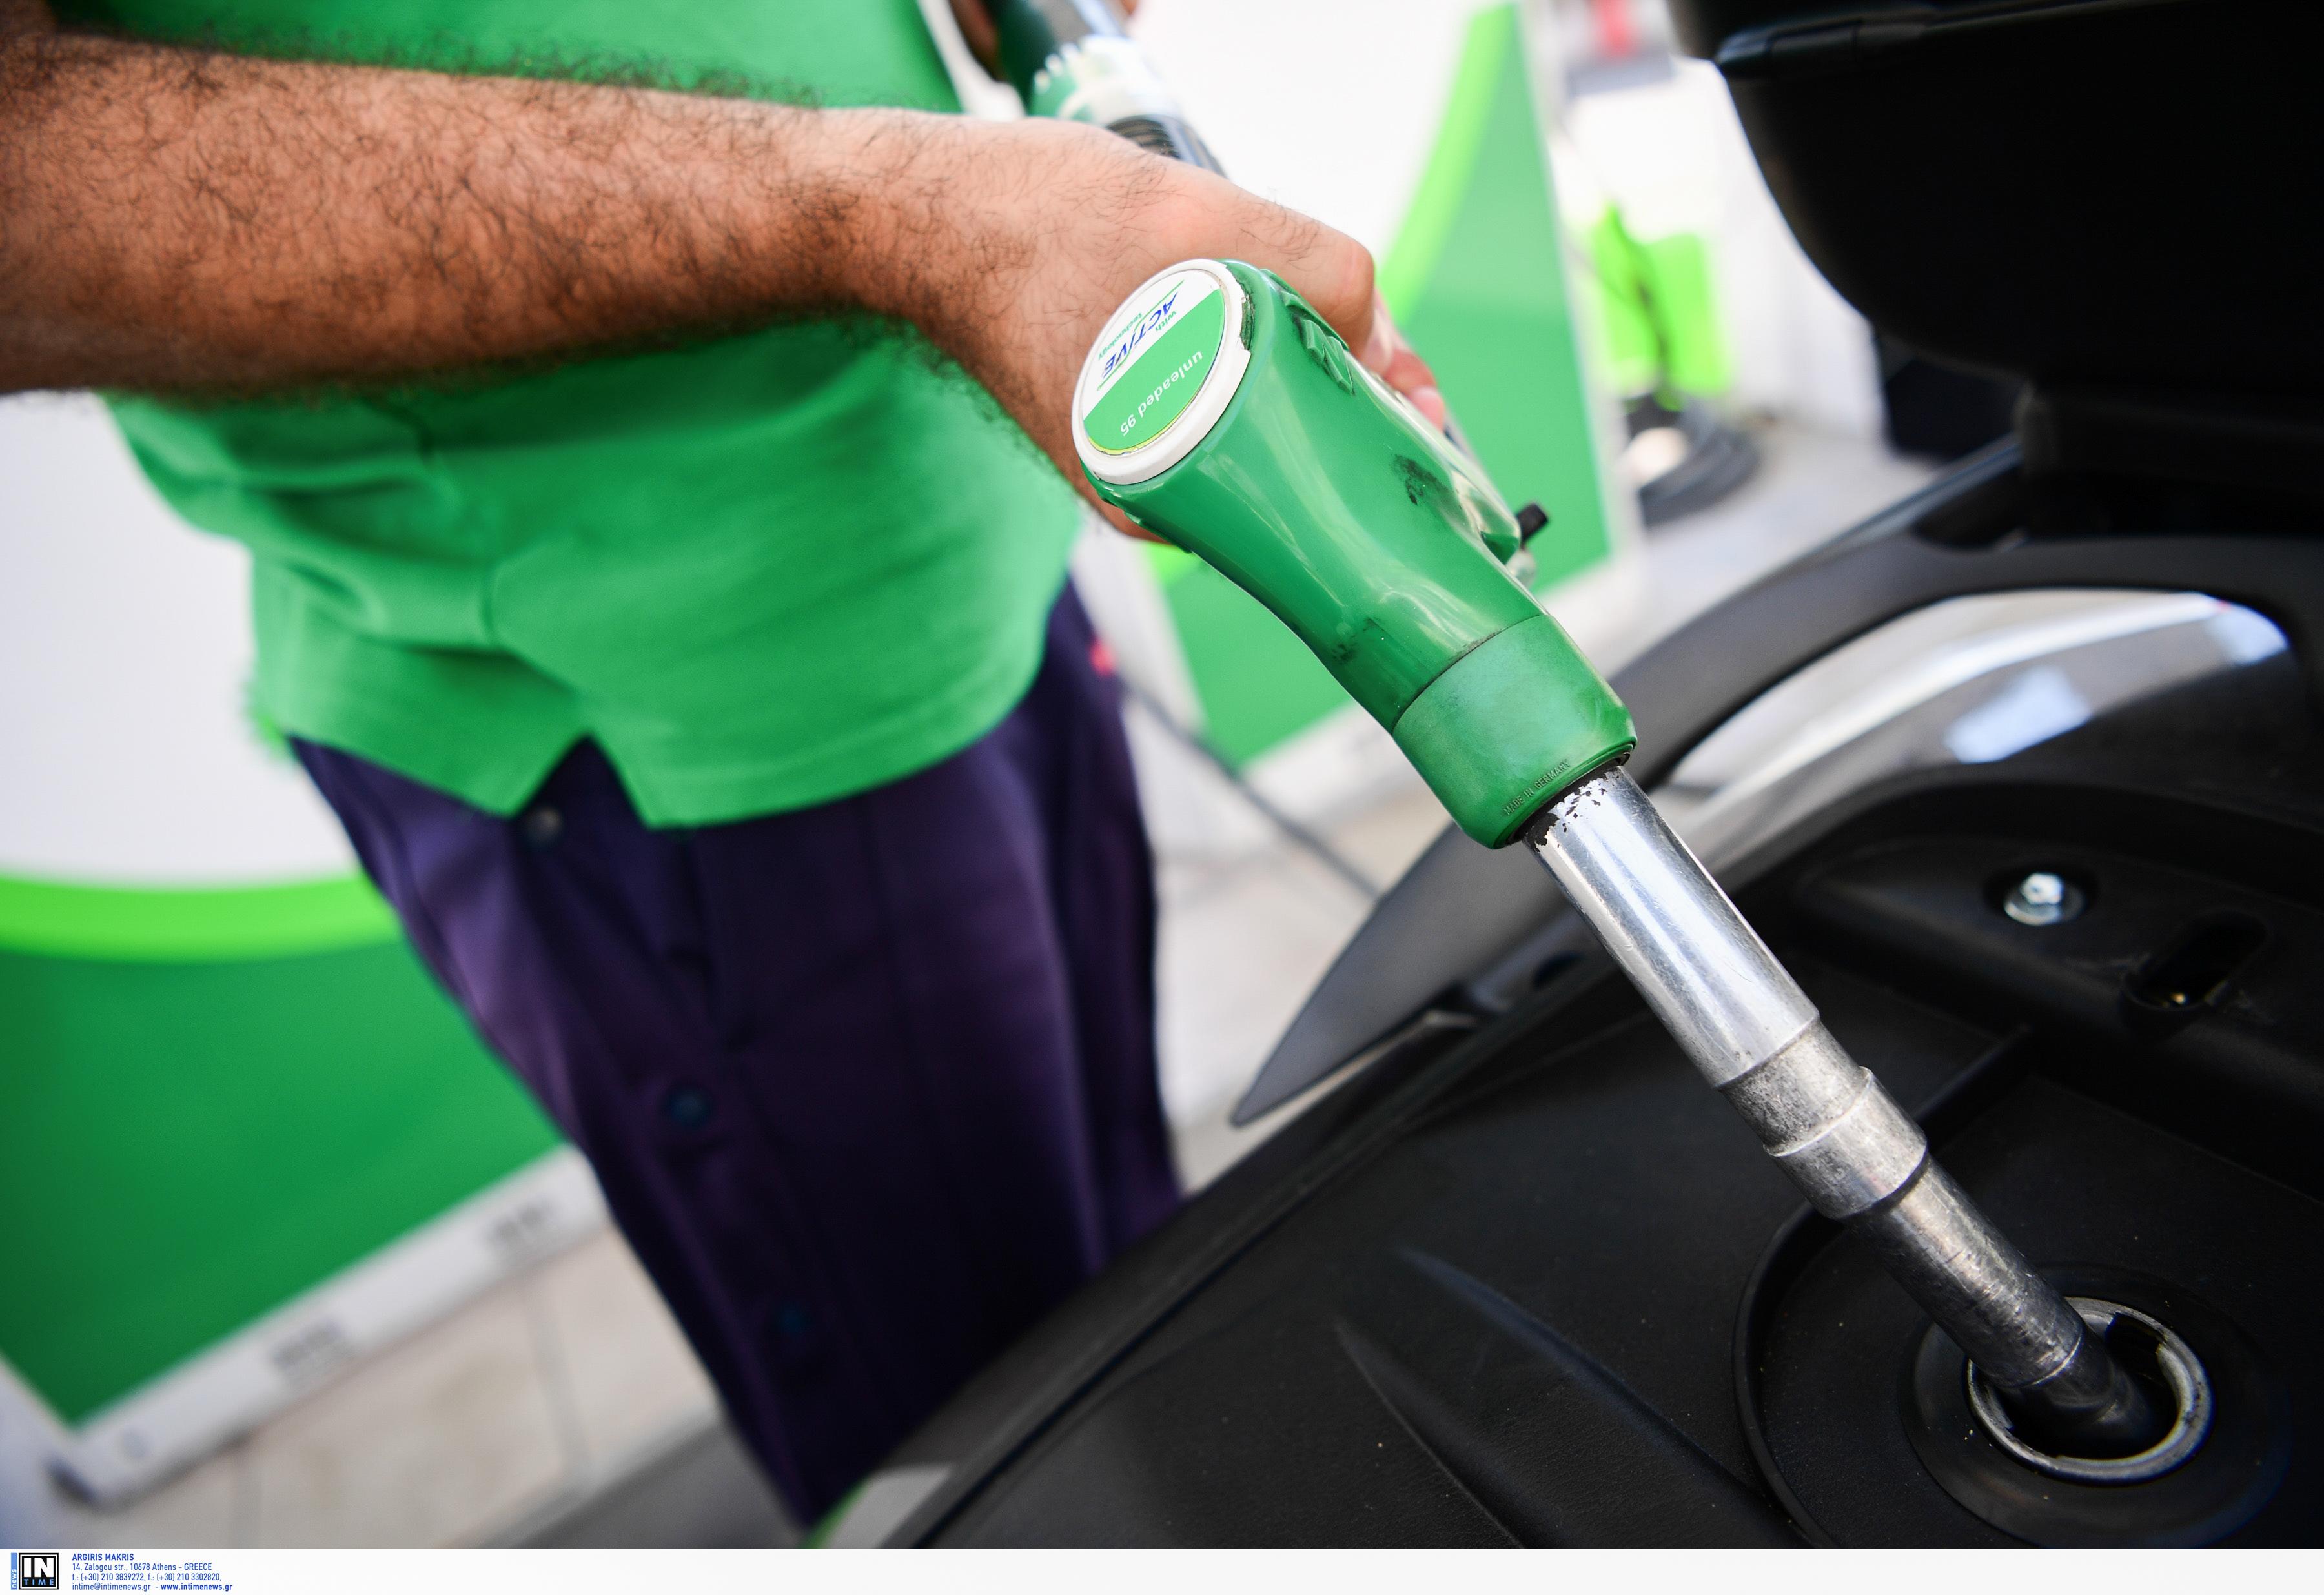 Η τιμή της βενζίνης διεθνώς πέφτει, στην Ελλάδα ανεβαίνει! Προανήγγειλαν αυξήσεις στη Θεσσαλονίκη - Έντονη η αντίδραση Γεωργιάδη